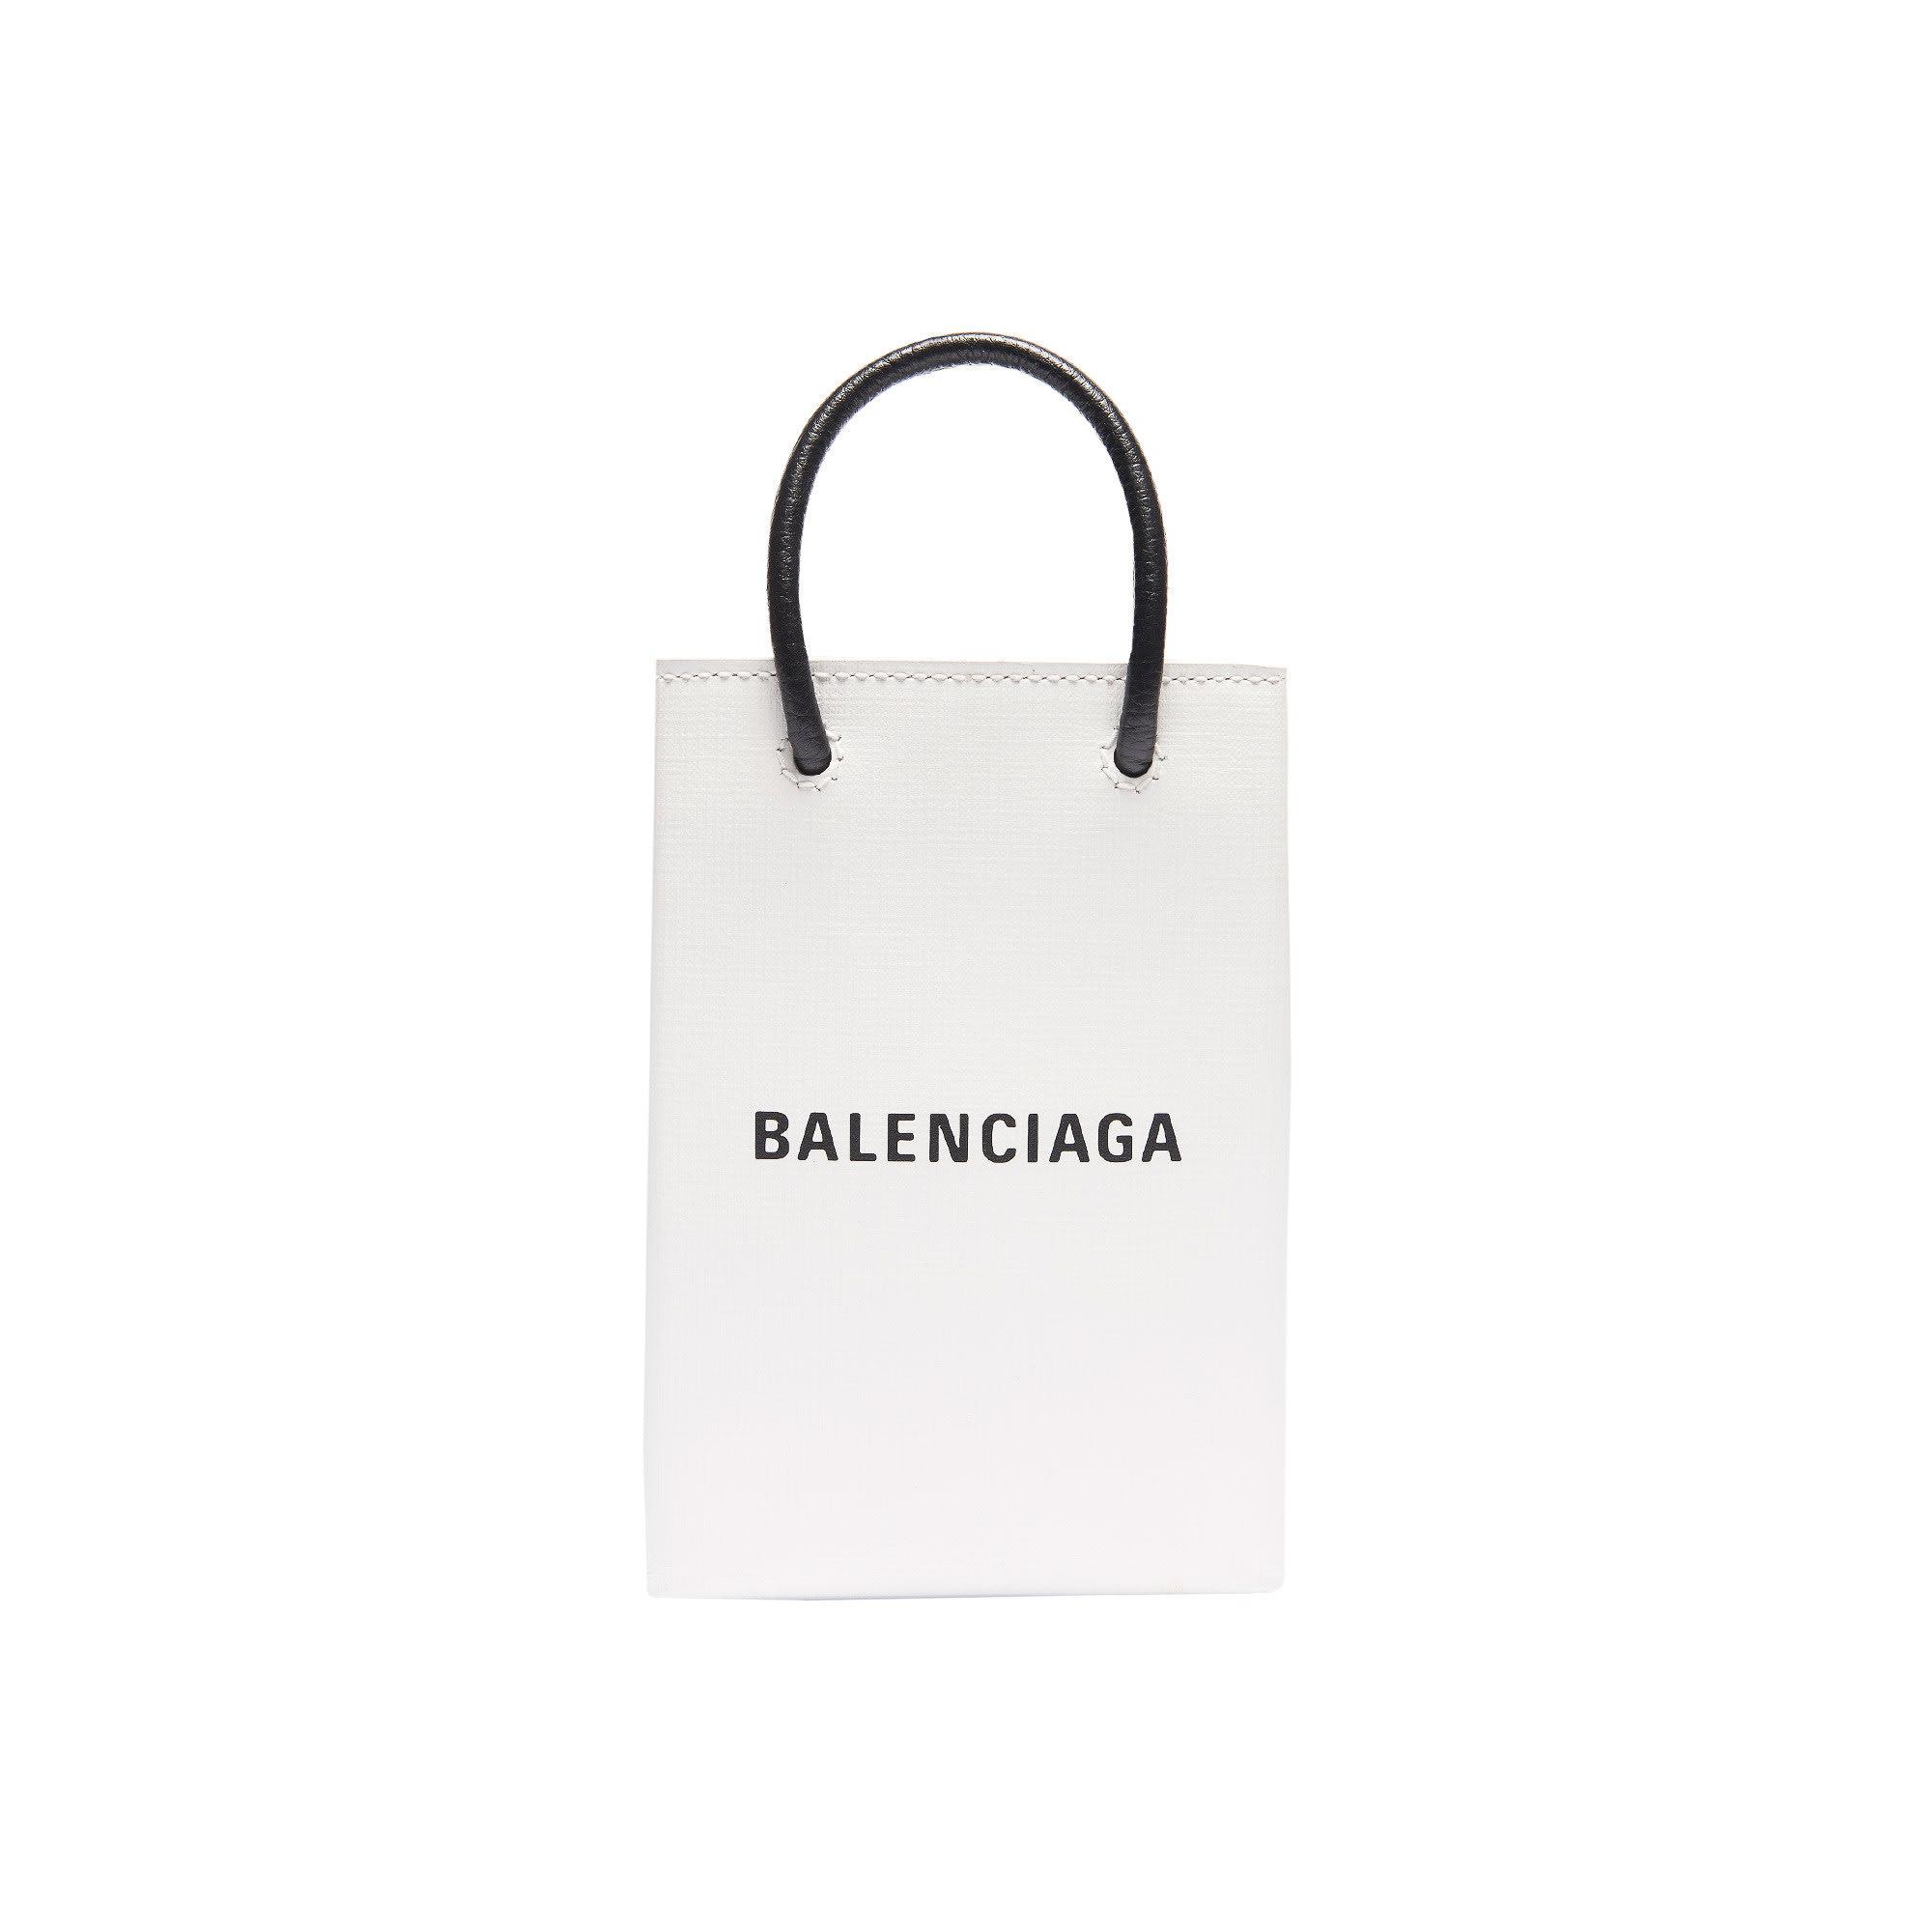 wholesale dealer f82c2 19ffc バレンシアガ、ブランドの紙袋を模したバッグラインから新作 ...